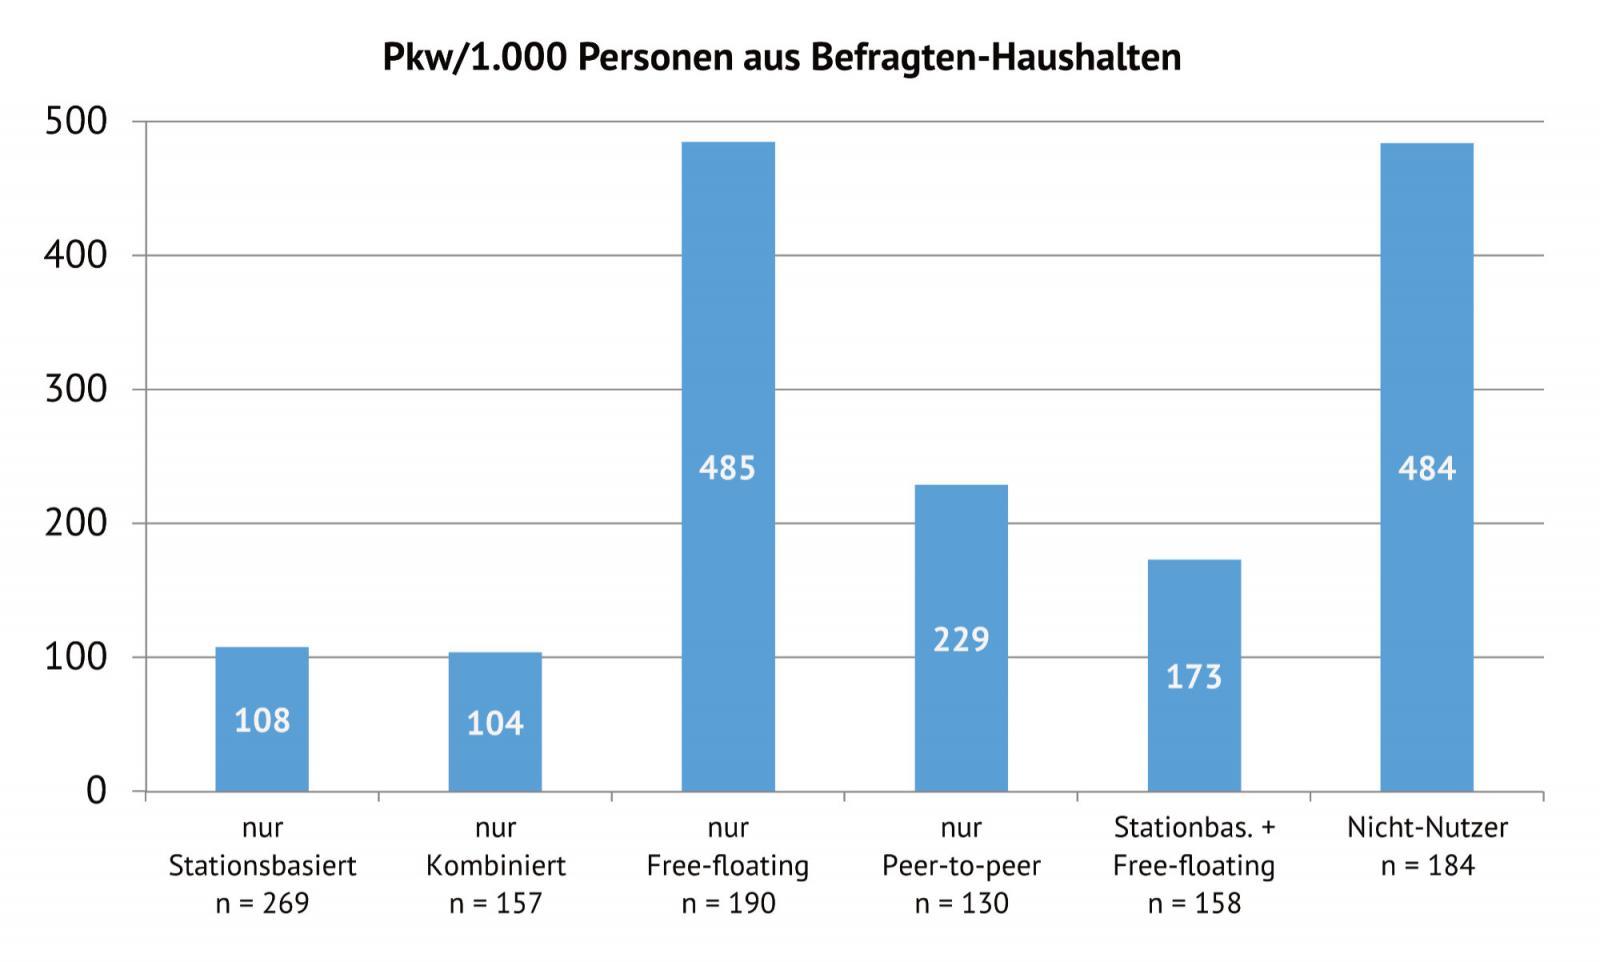 Abb. 1: Heutige Motorisierungsquoten der Nutzer verschiedener CarSharing-Varianten